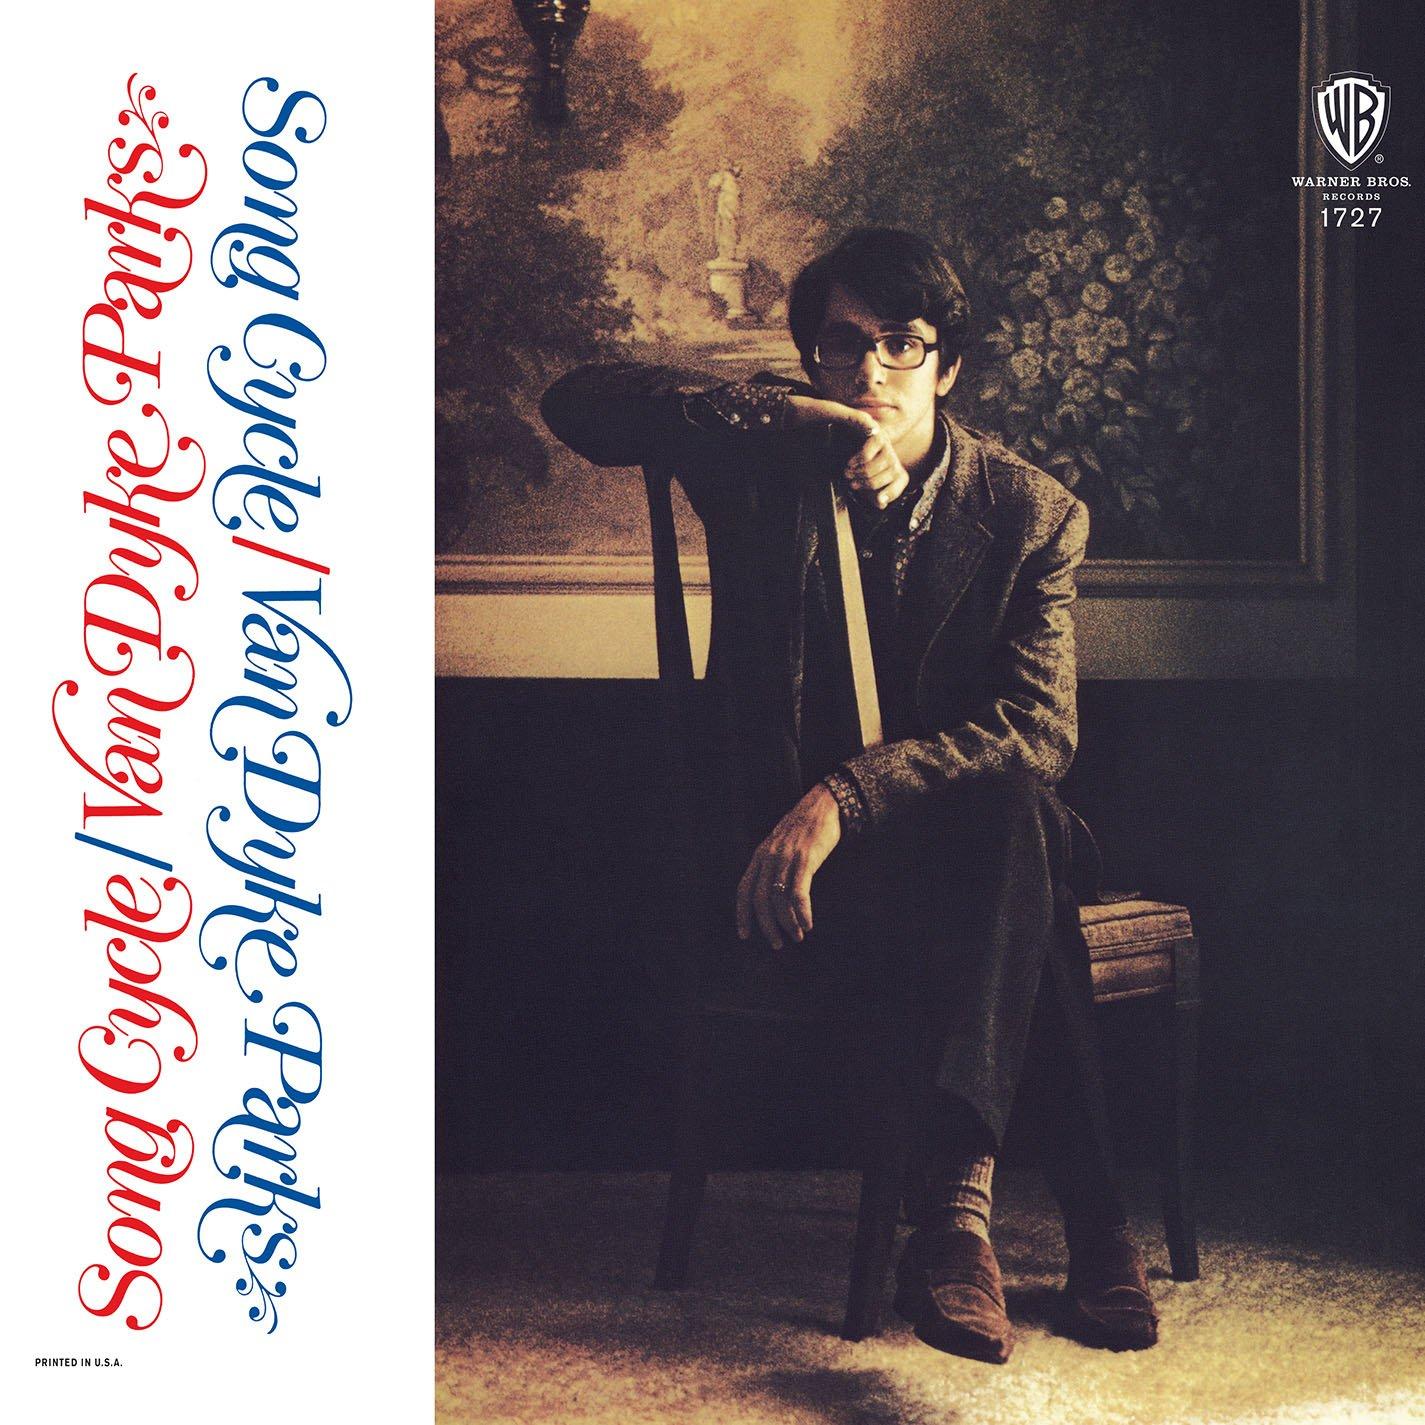 Vinilo : Van Dyke Parks - Song Cycle (LP Vinyl)